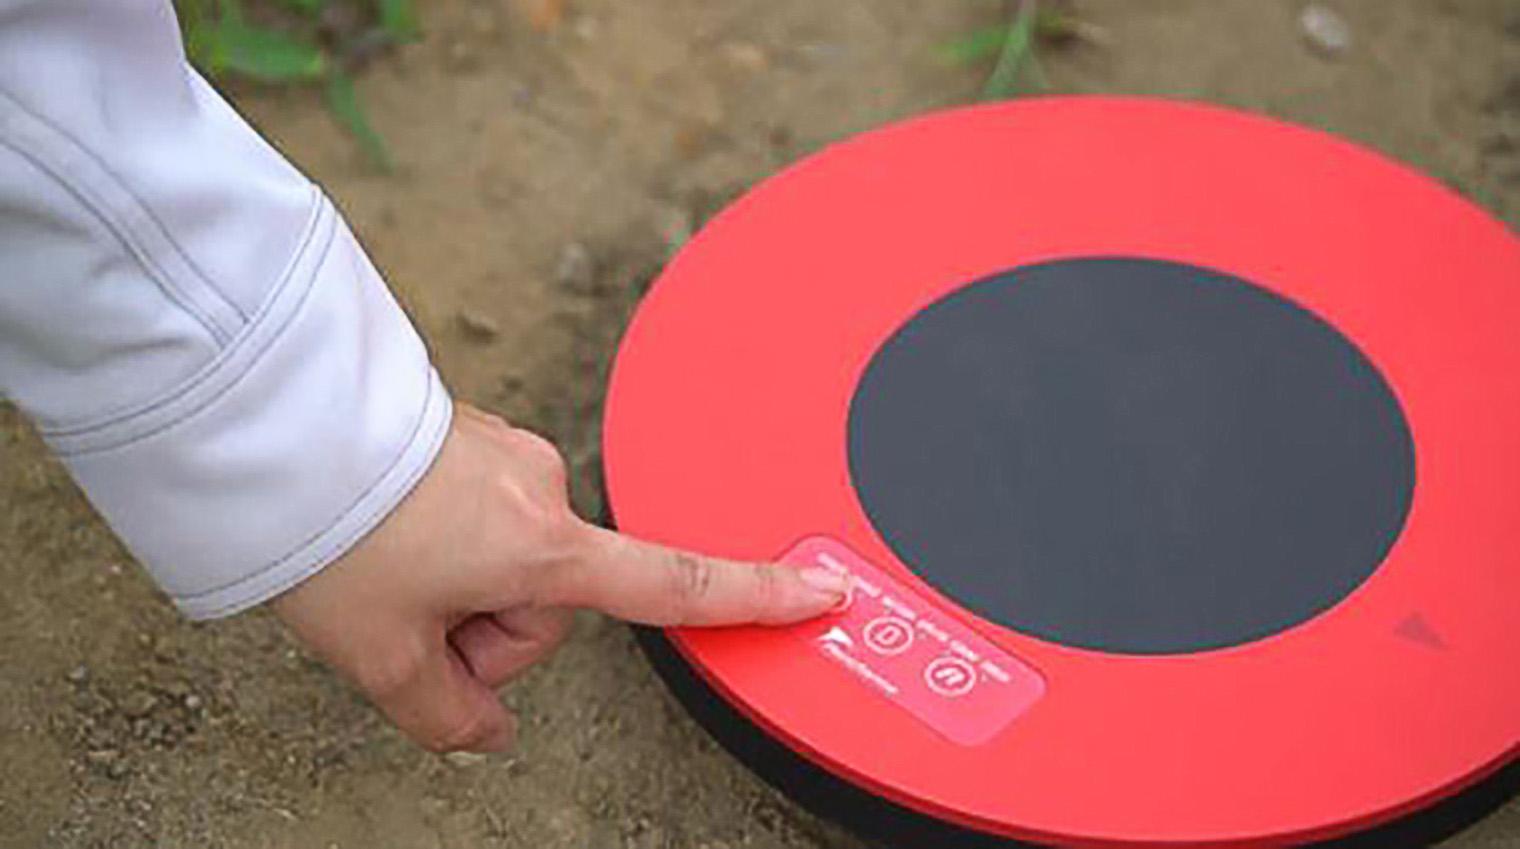 エアロボマーカーを地面に置きスイッチを押している写真